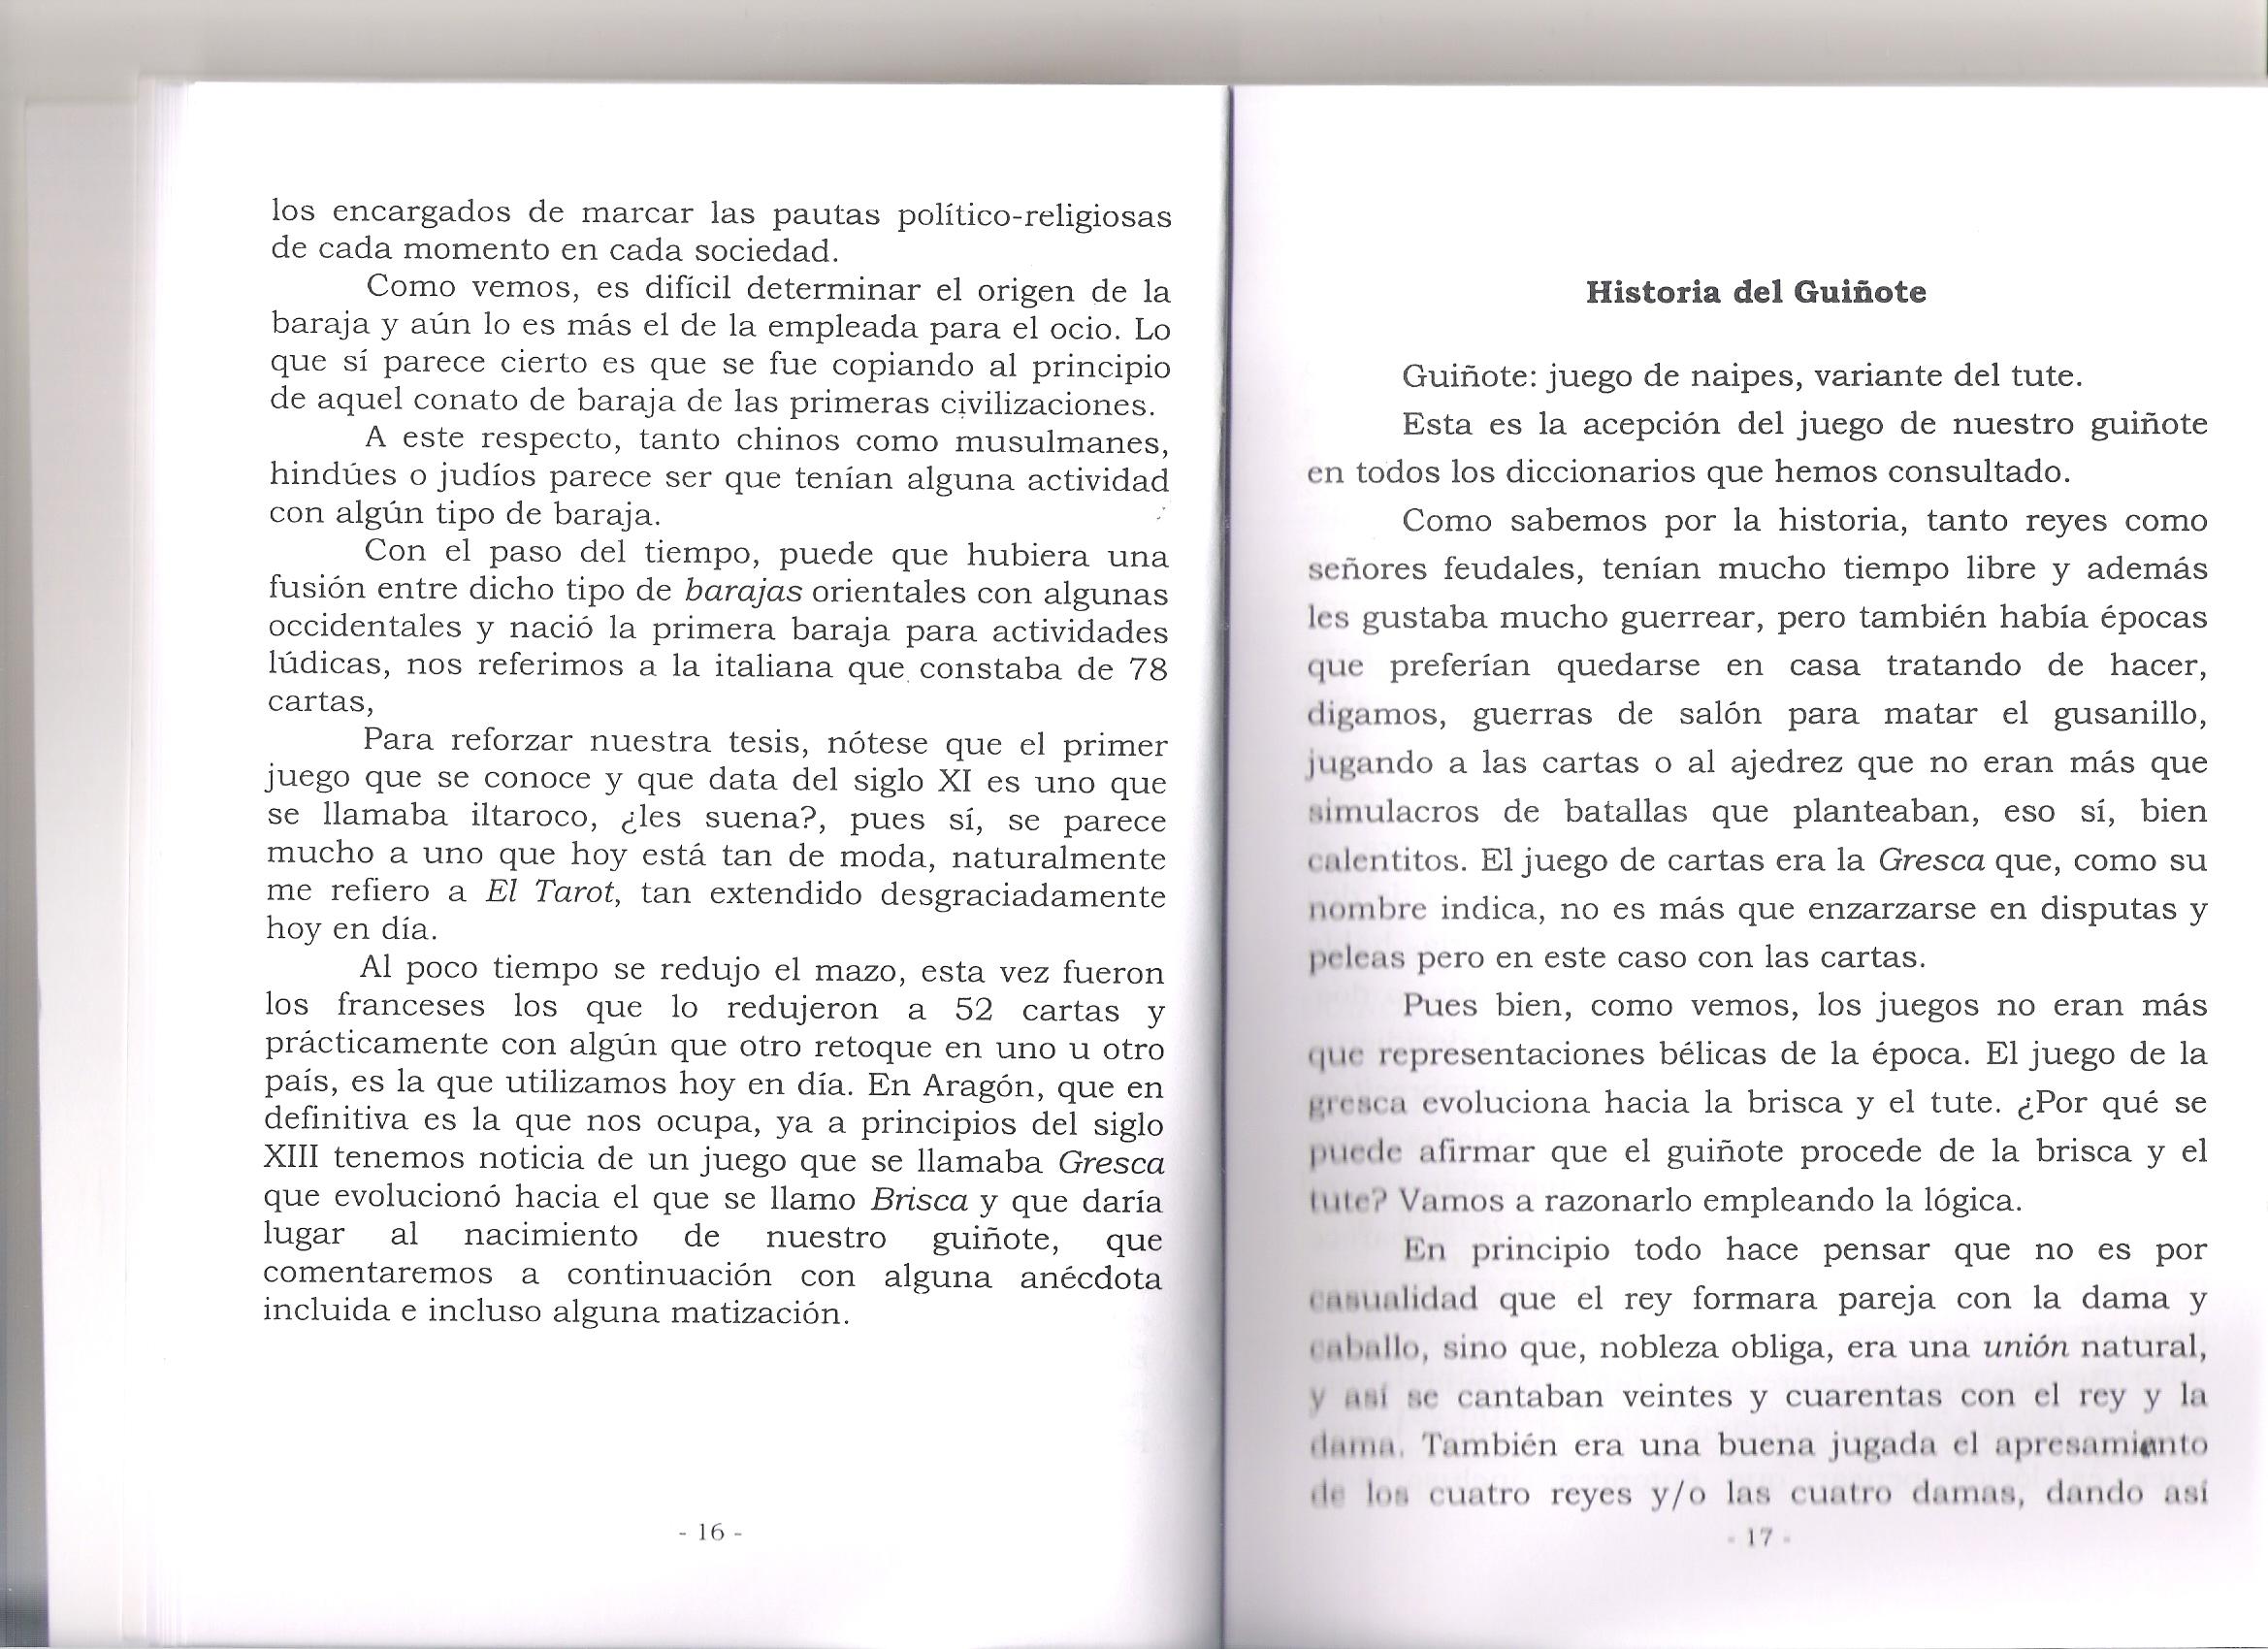 Pág 16-17